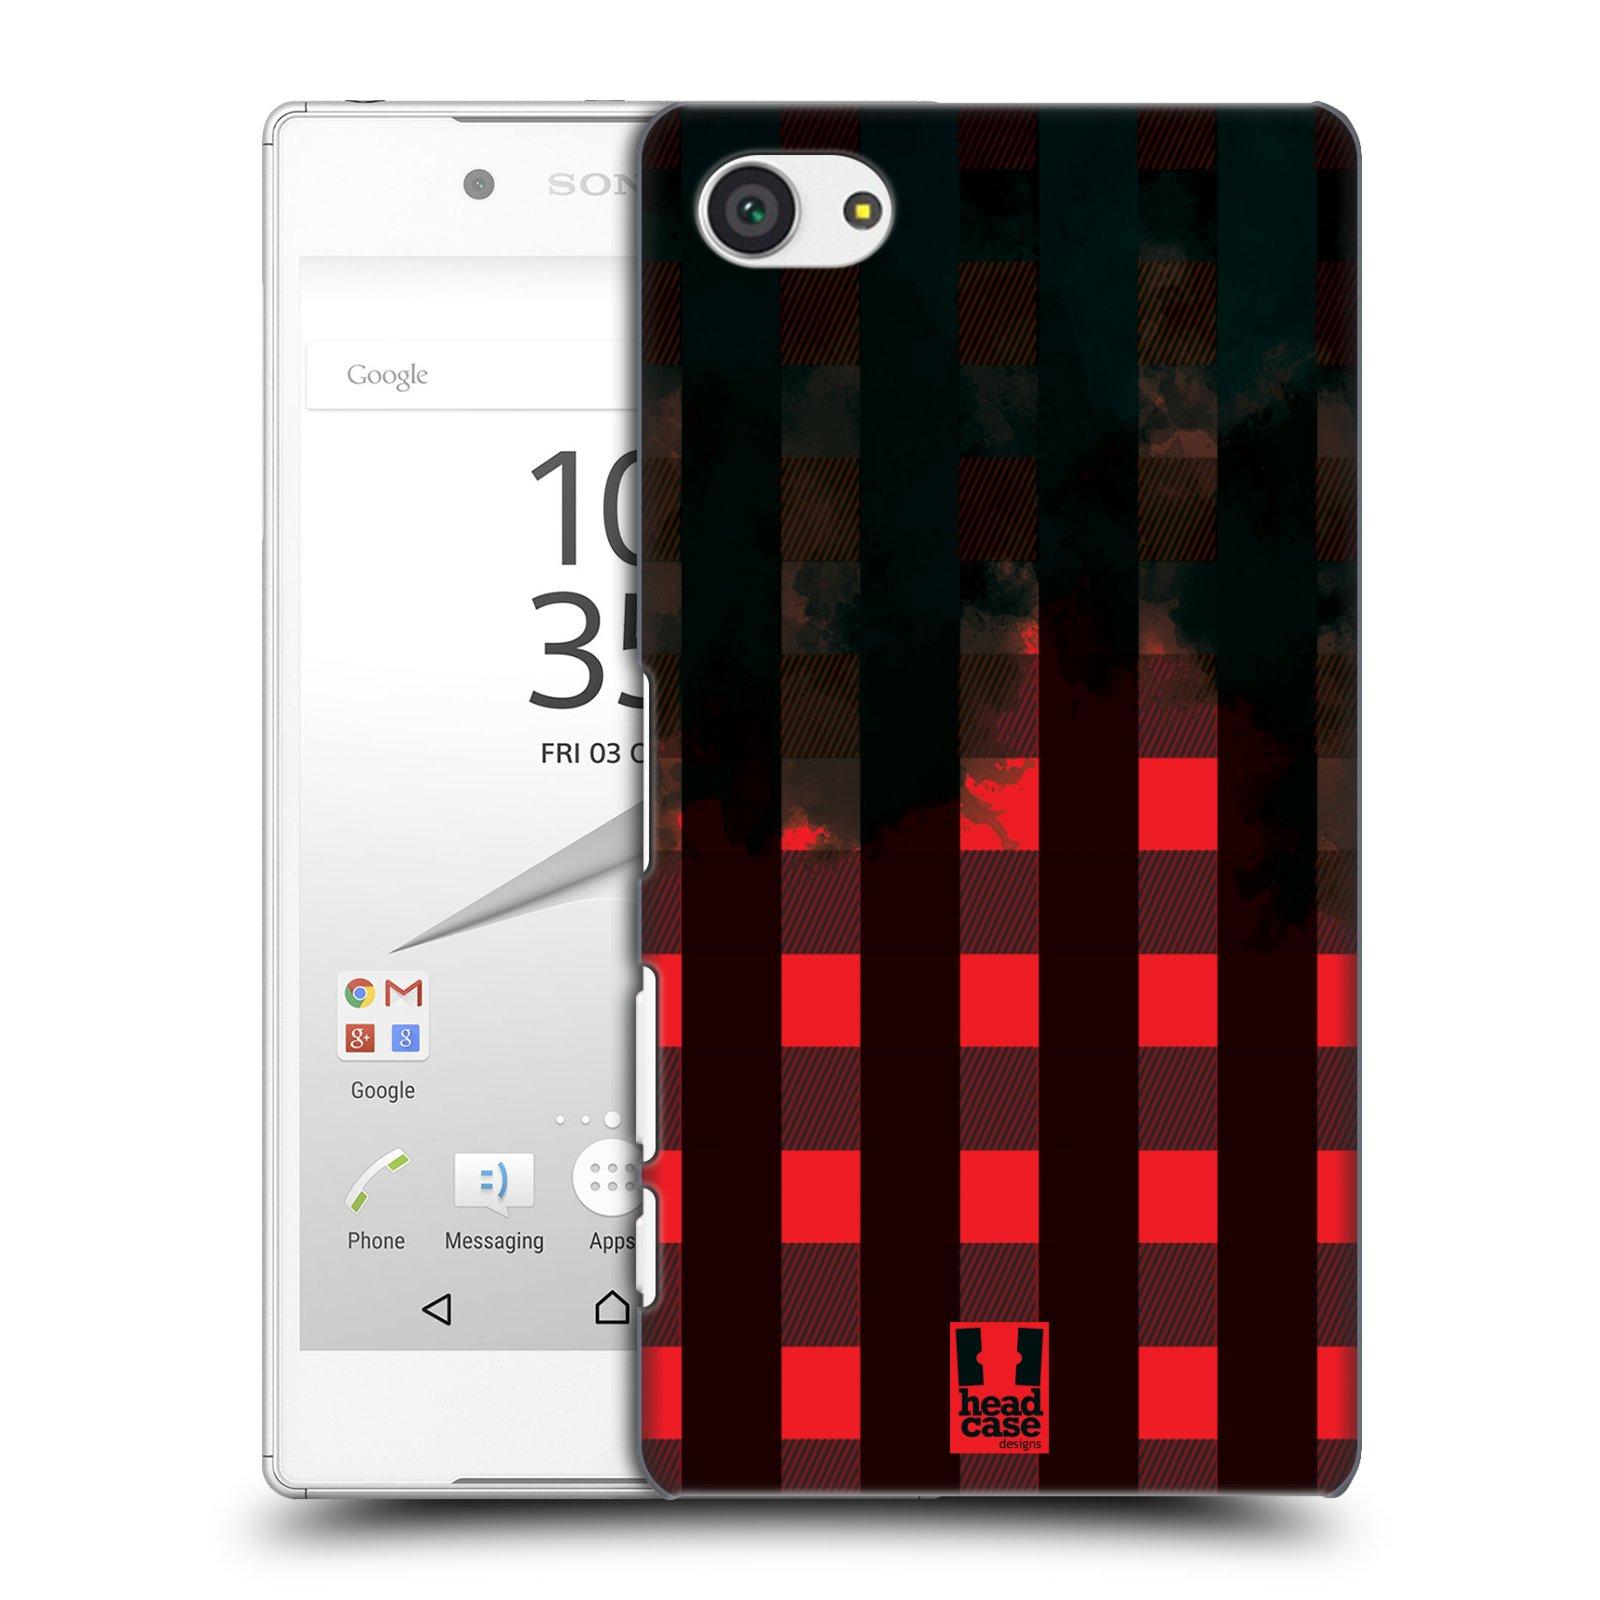 Plastové pouzdro na mobil Sony Xperia Z5 Compact HEAD CASE FLANEL RED BLACK (Kryt či obal na mobilní telefon Sony Xperia Z5 Compact E5823)